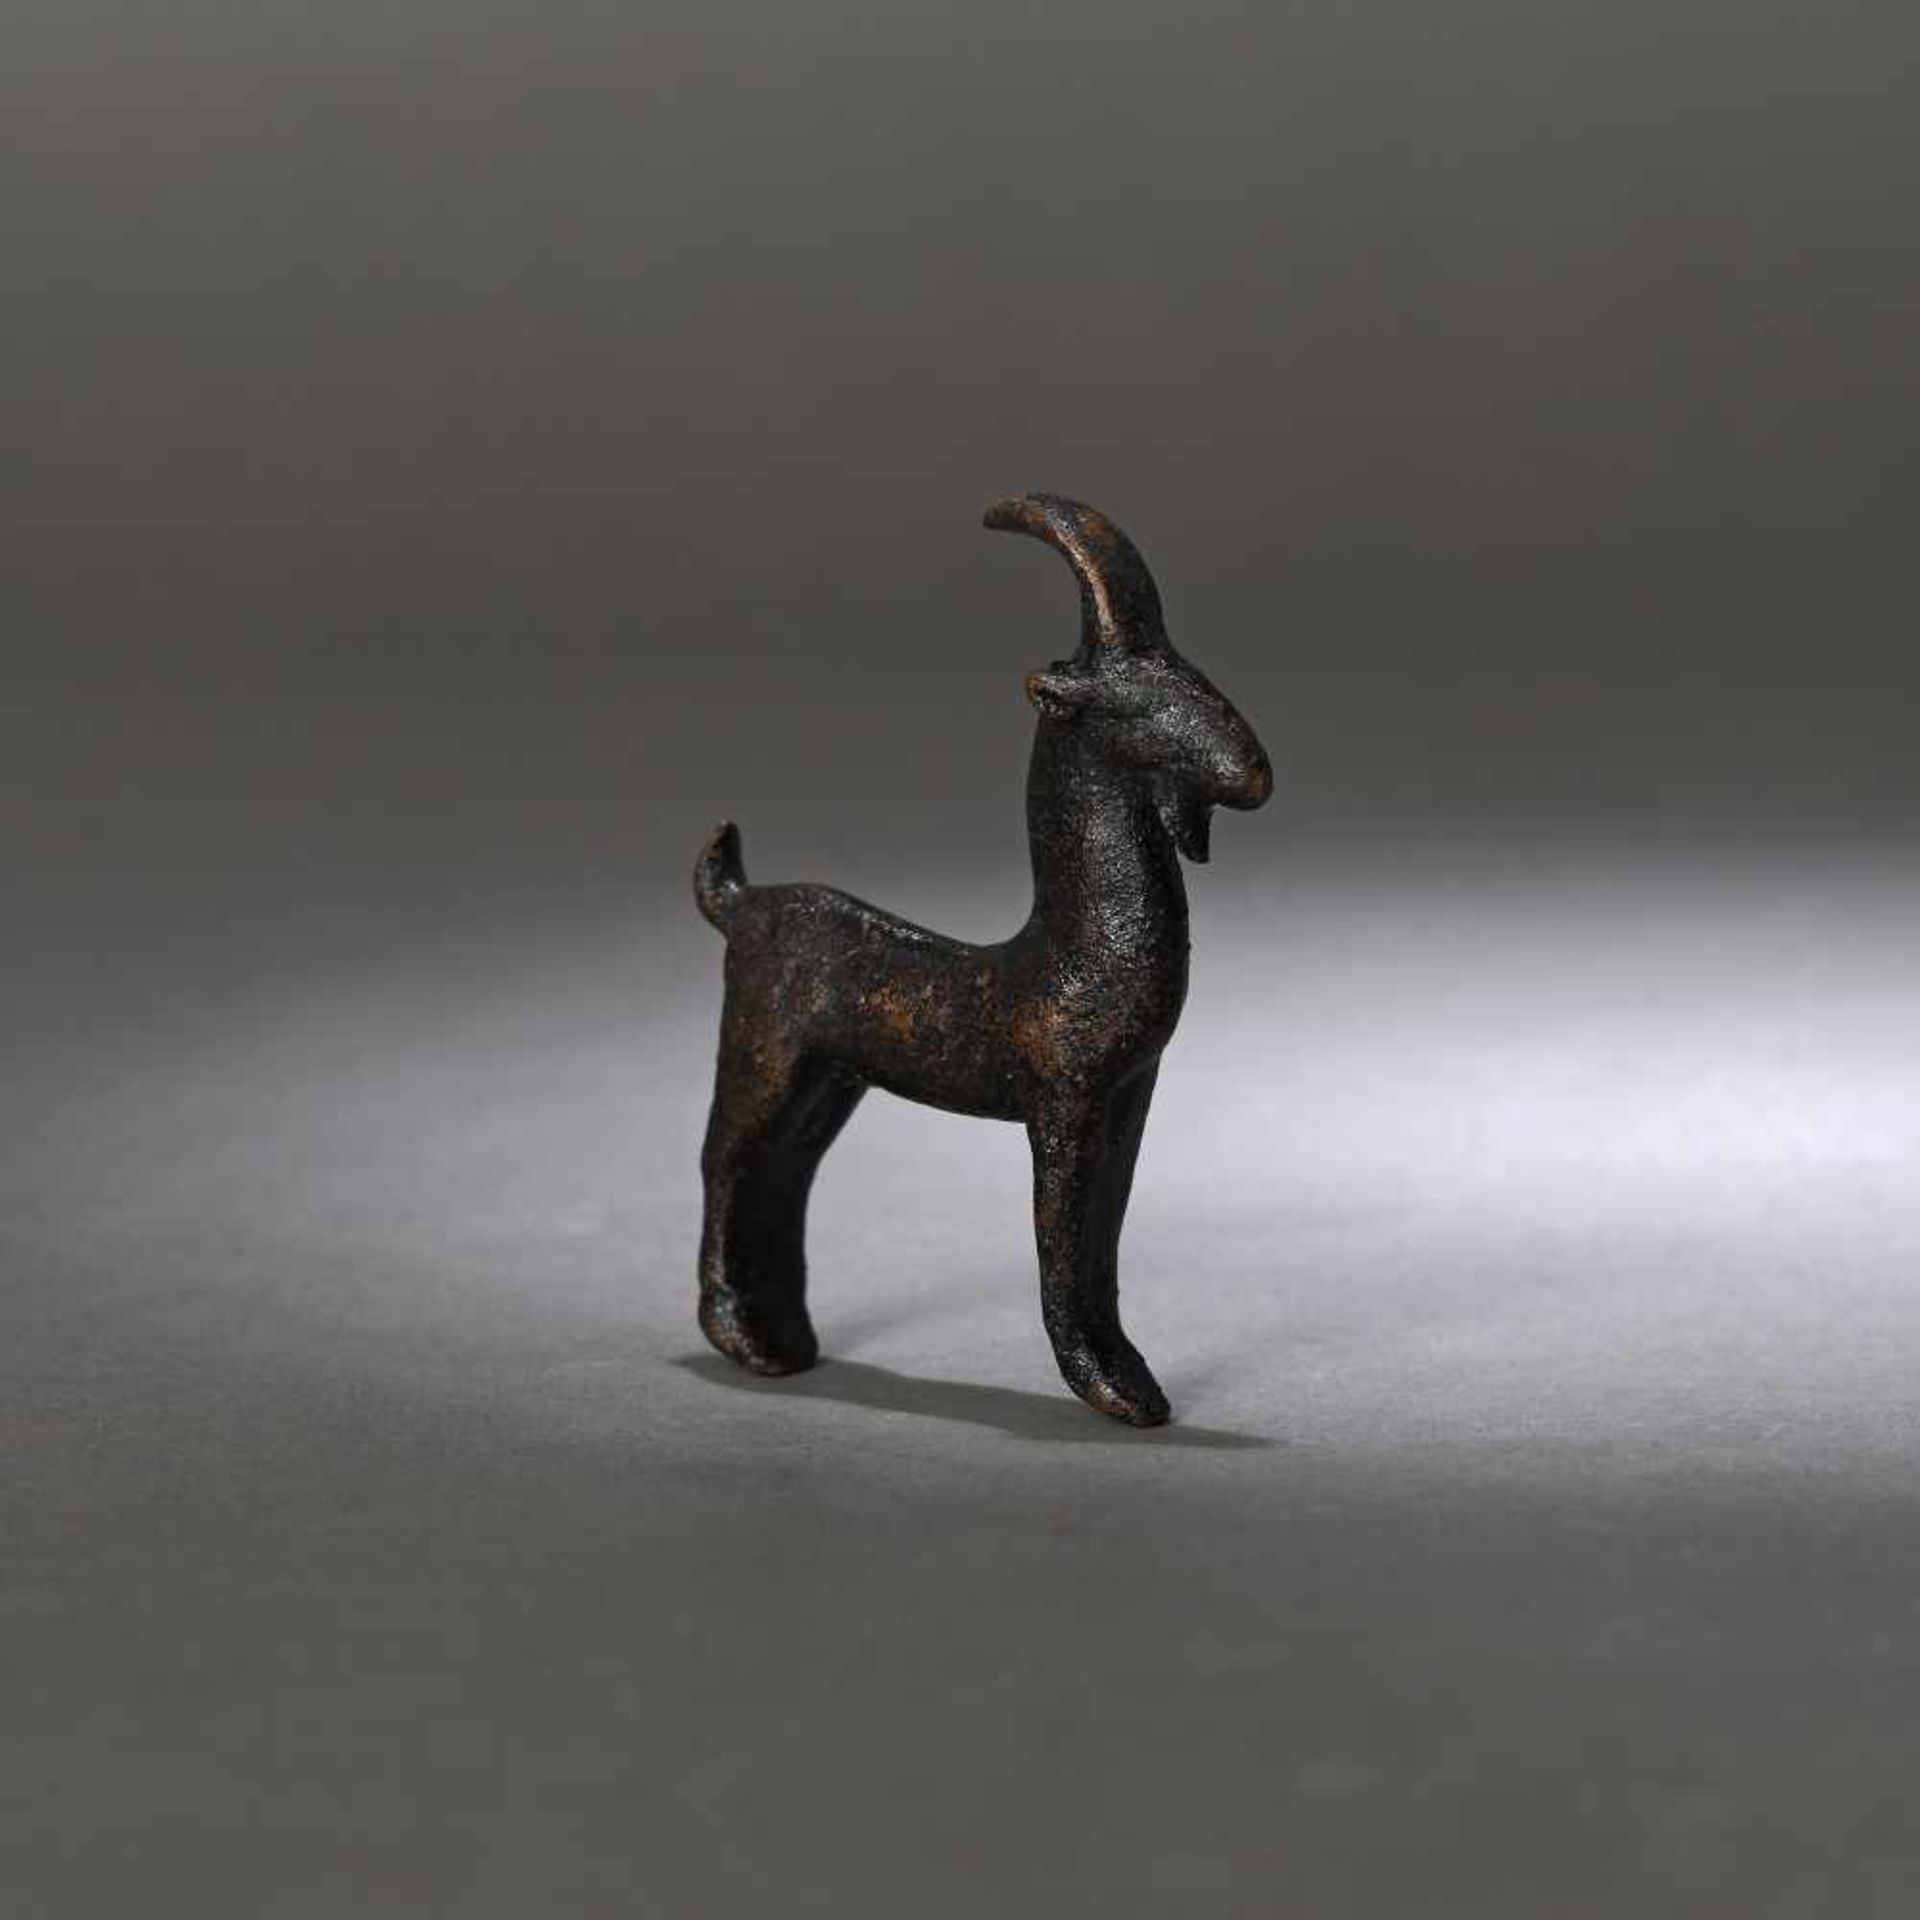 Bronze statuette (amulet) representing a goat, Luristan, Persia, 6th century B.C. - Bild 2 aus 2